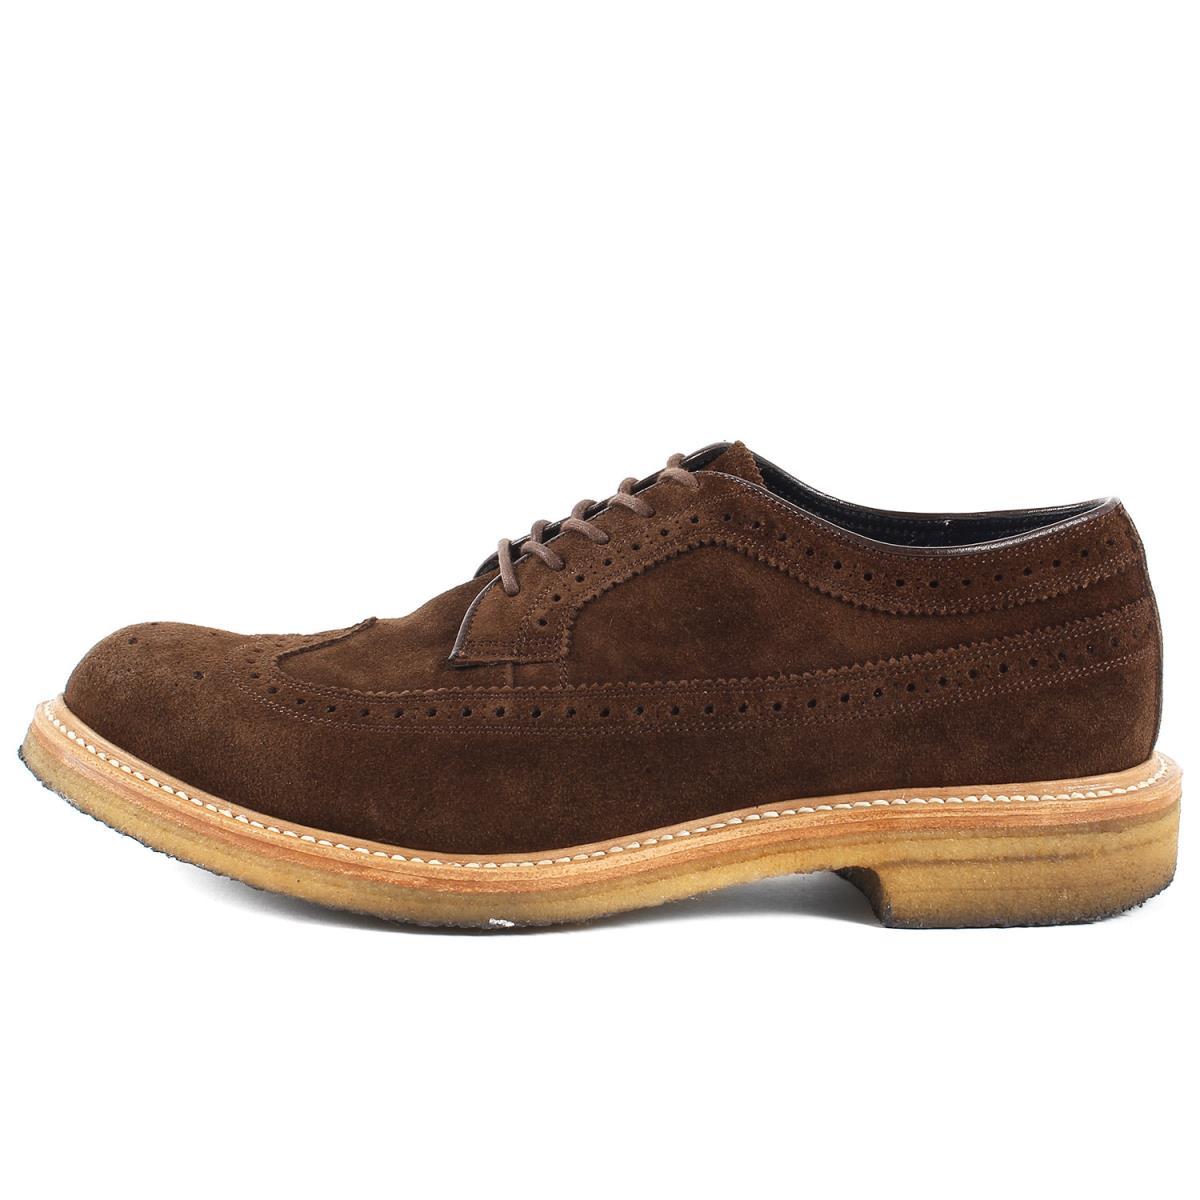 メンズ靴, ビジネスシューズ NONNATIVE REGAL GORE-TEX OFFICER SHOES COW SUEDE 25.5cm K2991